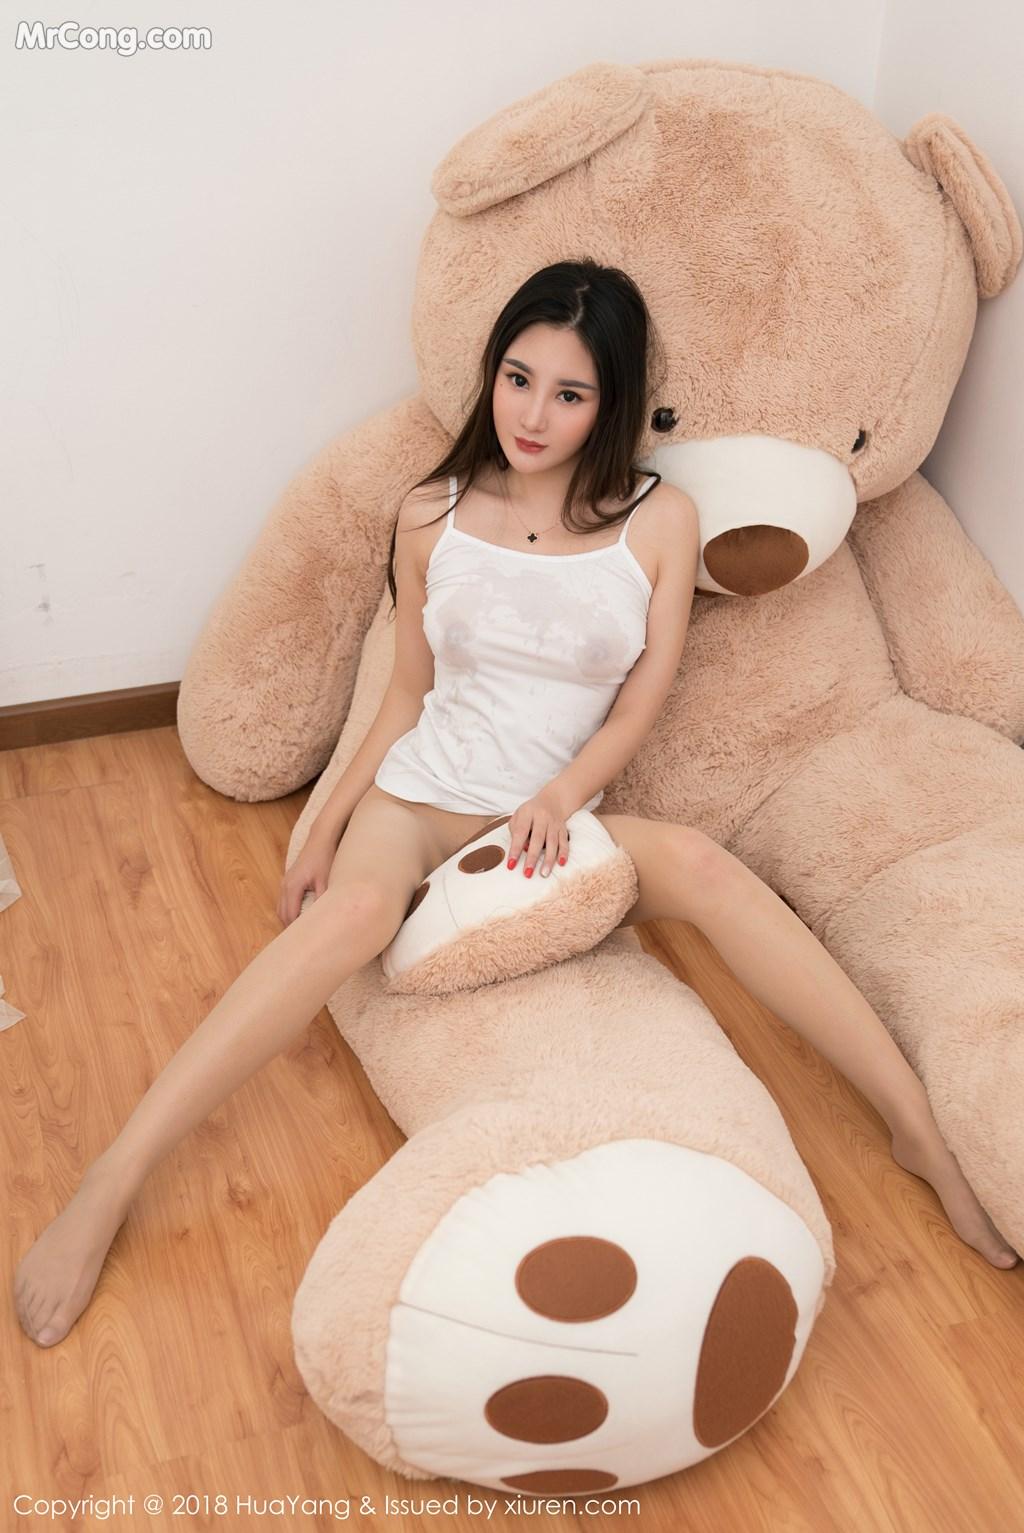 Image HuaYang-2018-03-02-Vol.034-Xiao-Tian-Xin-Candy-MrCong.com-035 in post HuaYang 2018-03-02 Vol.034: Người mẫu Xiao Tian Xin (小甜心Candy) (41 ảnh)